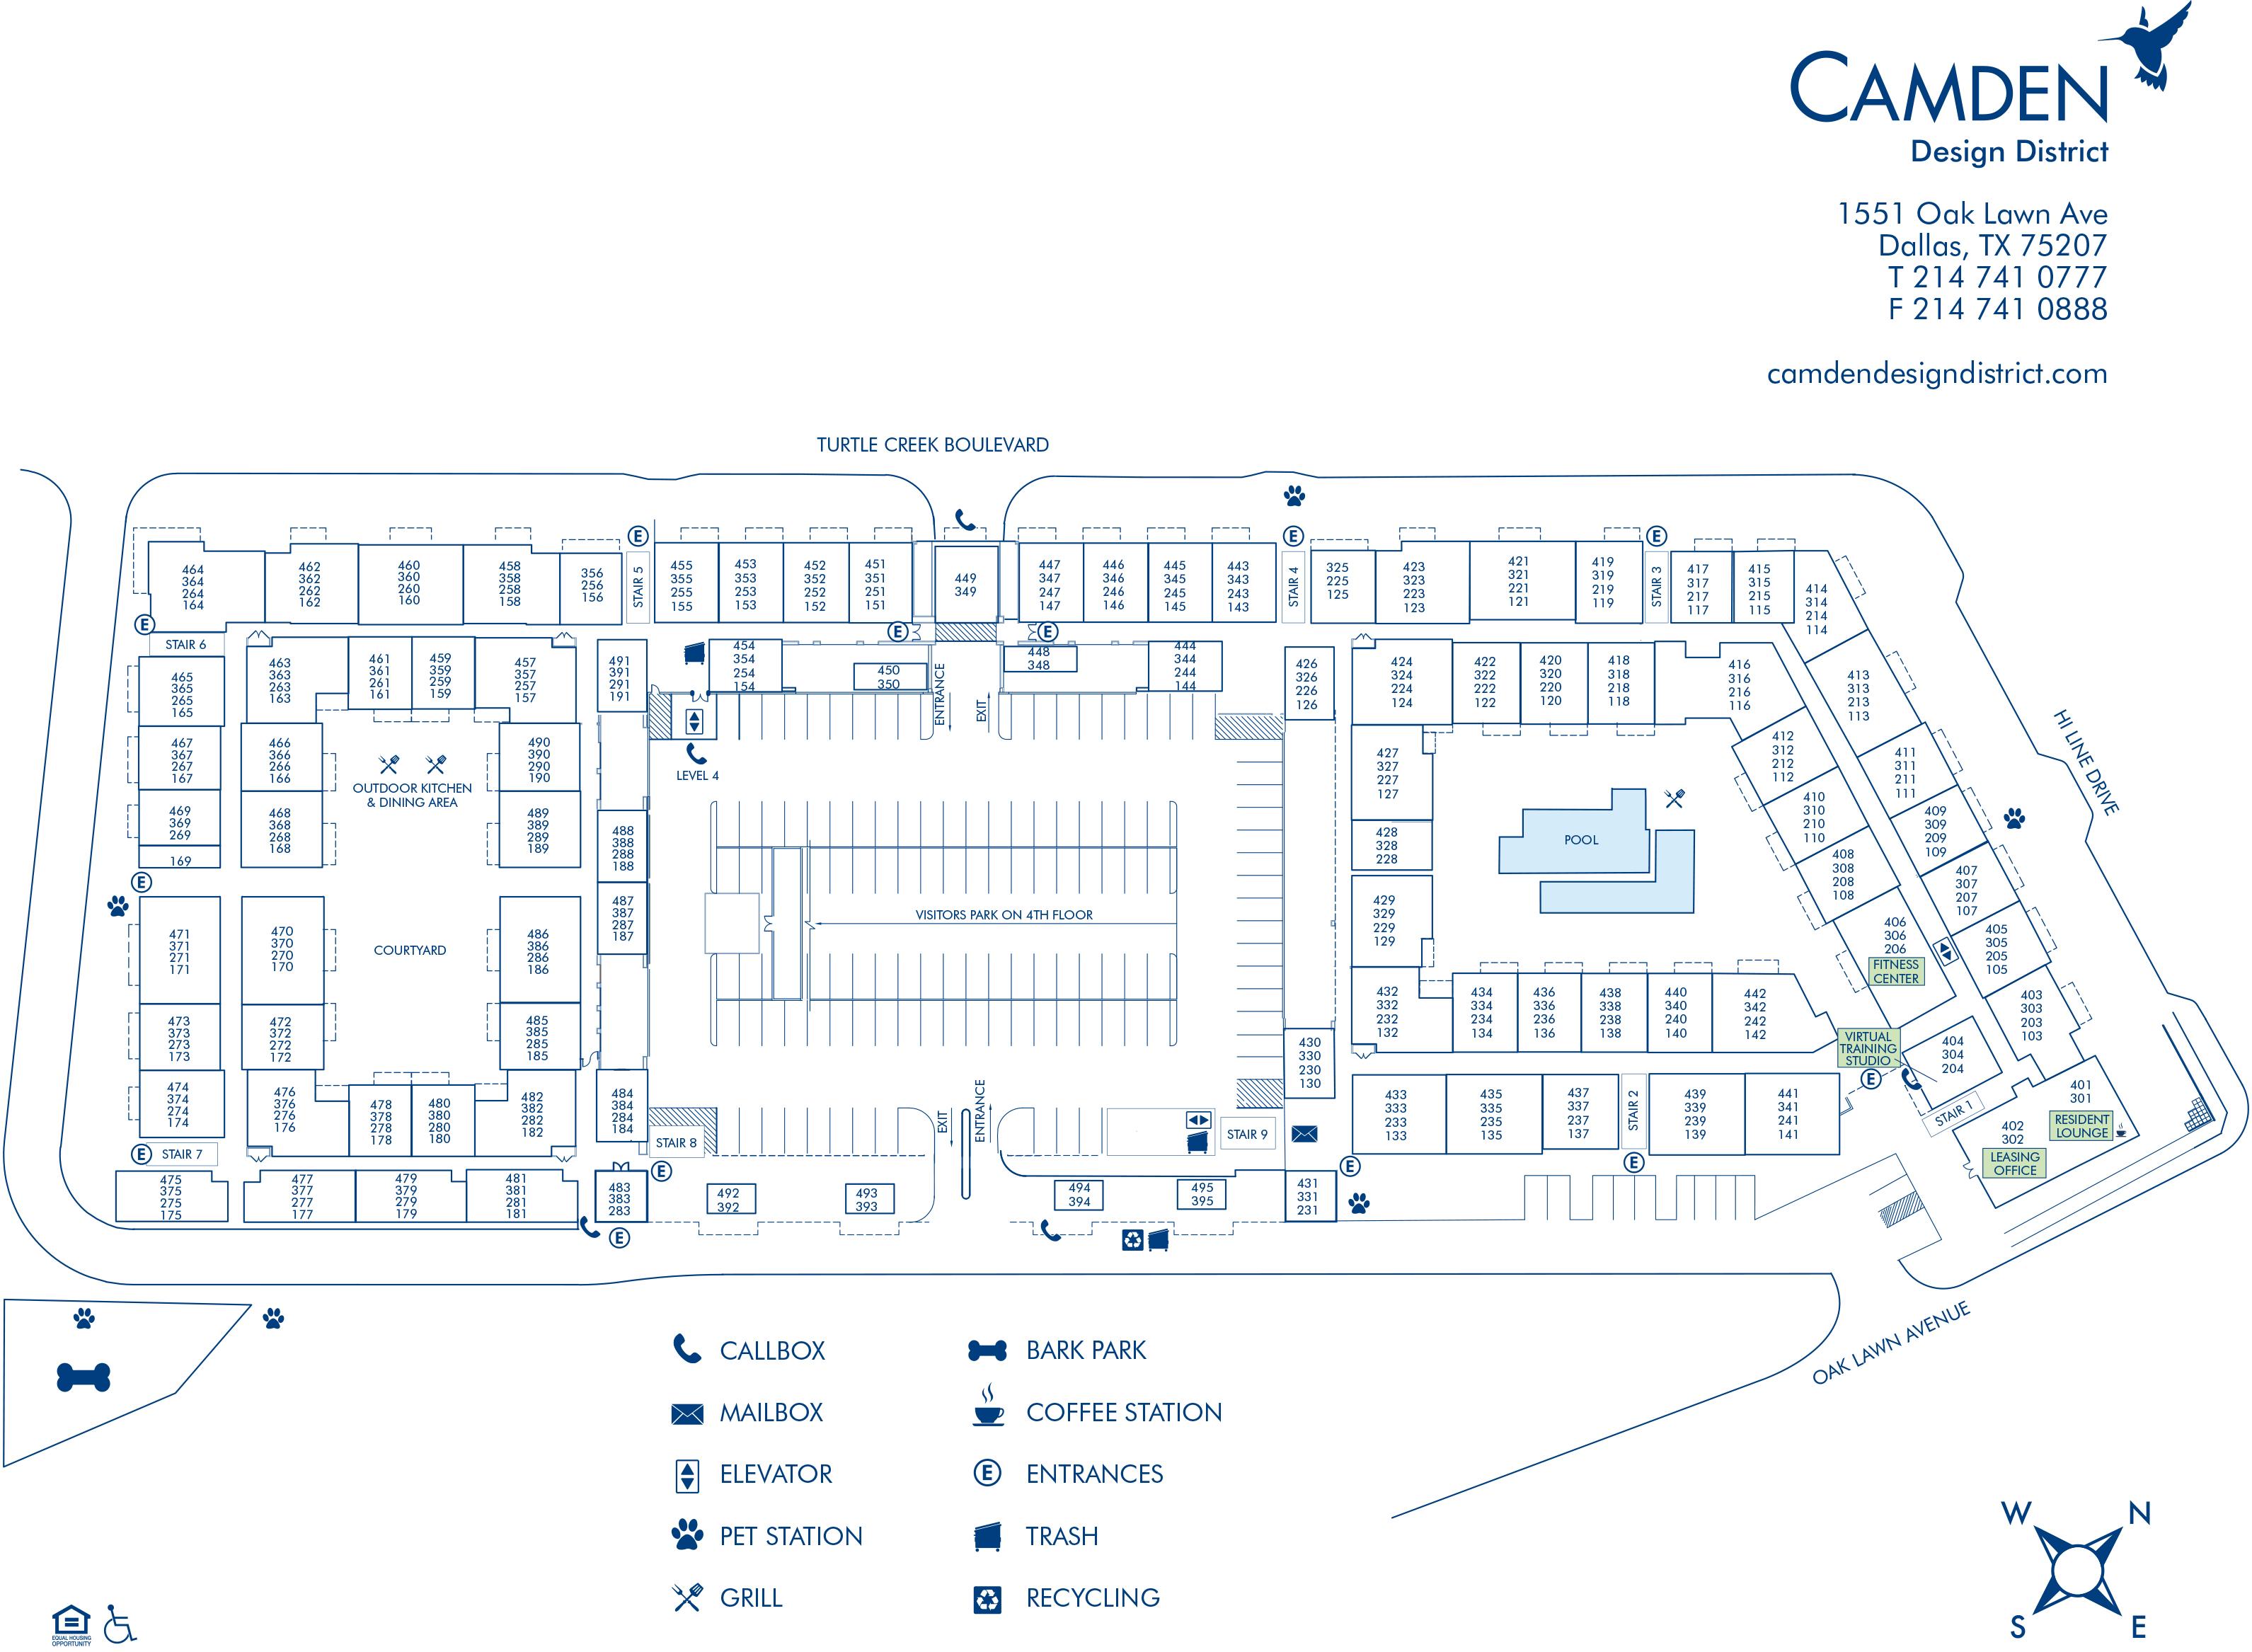 Camden Design District